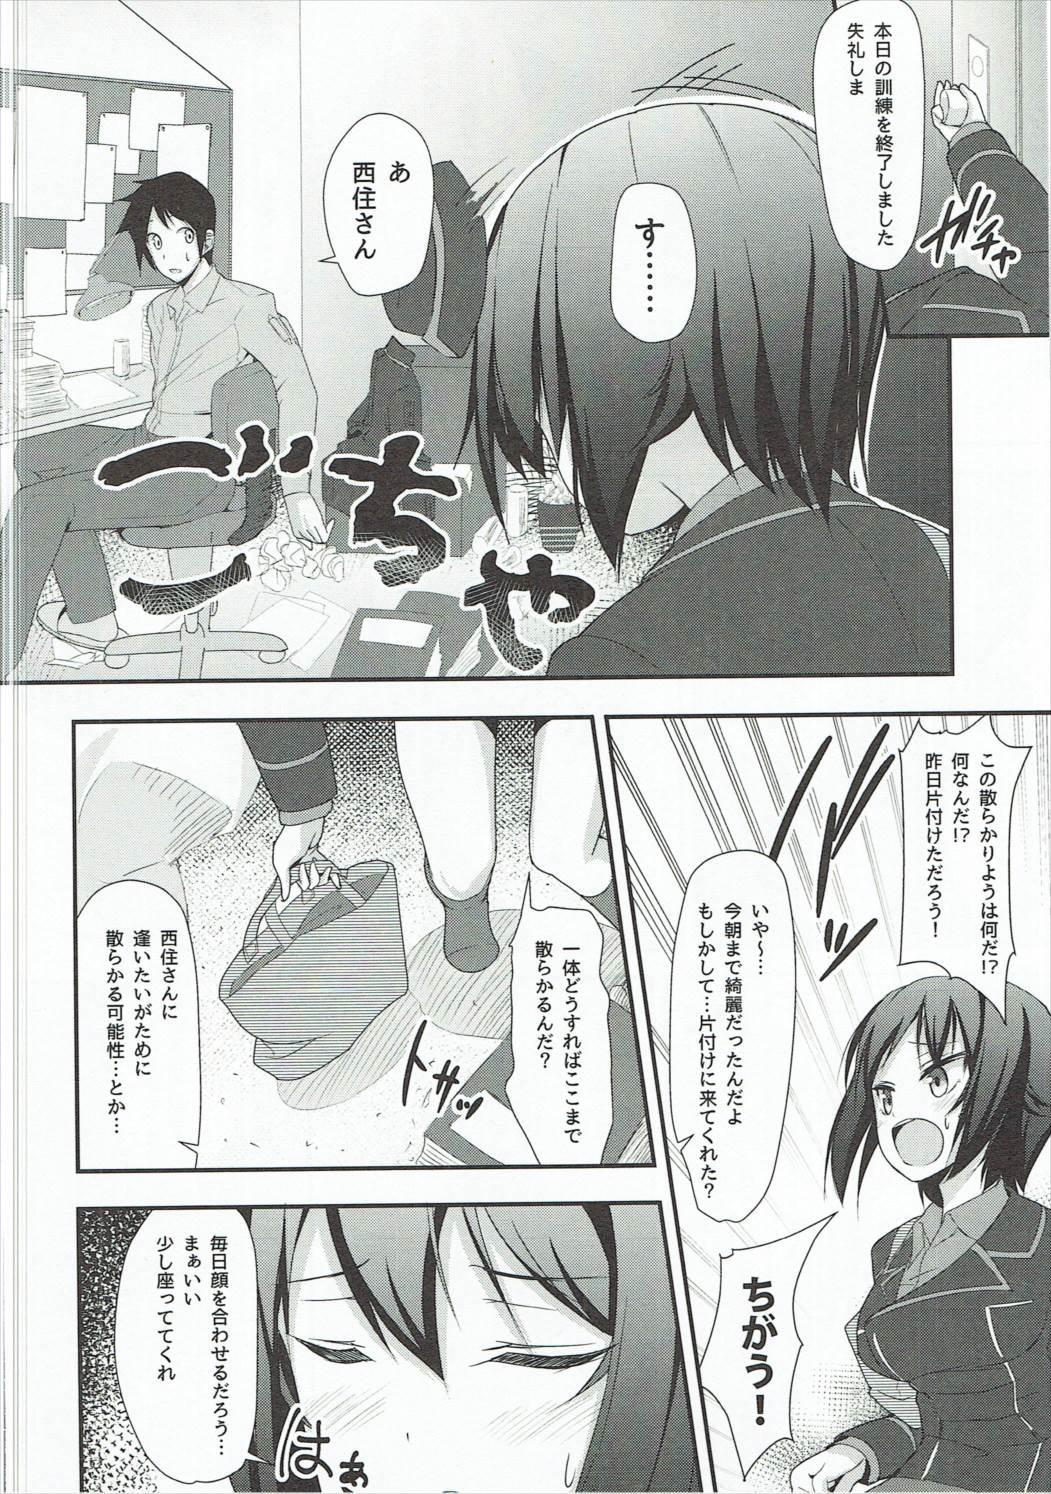 Maho-san ga Nakaiki no Yosa ni Mezameru Hon 2